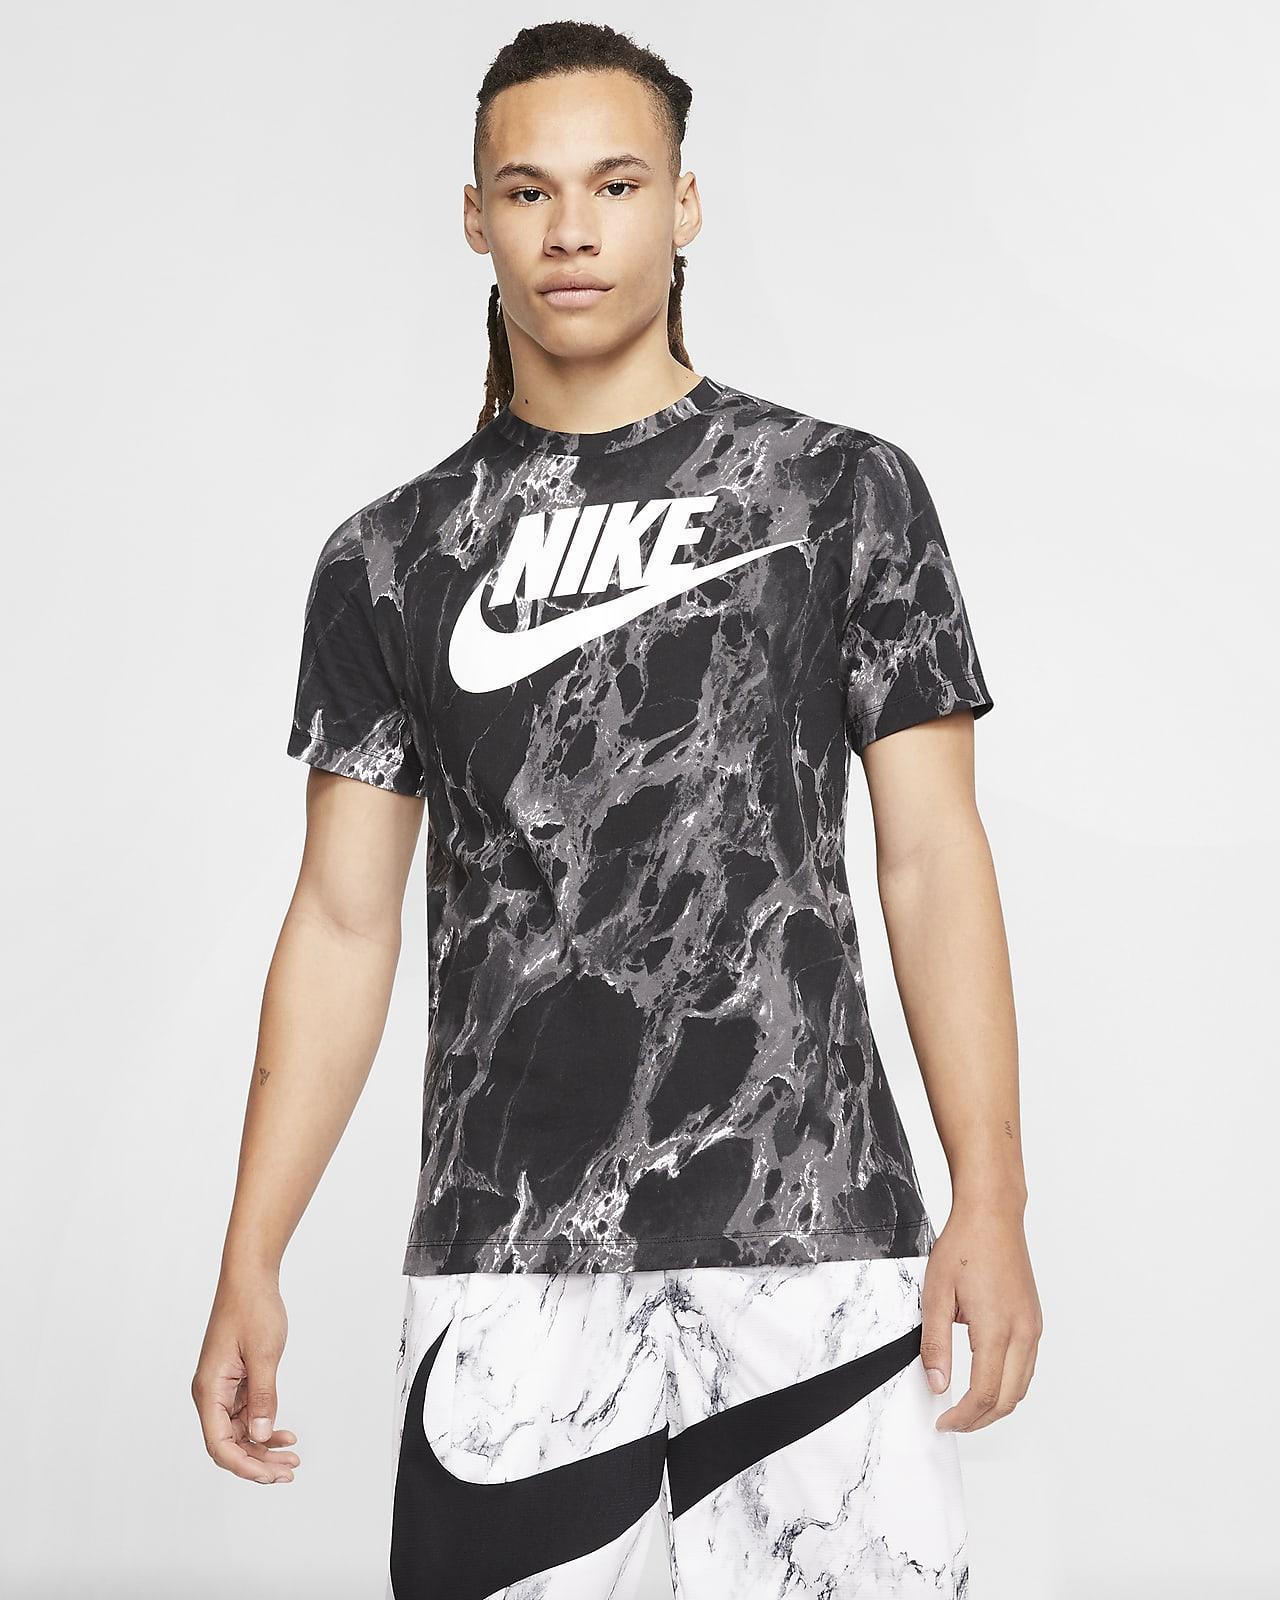 Basket-t-shirt Nike Swoosh för män